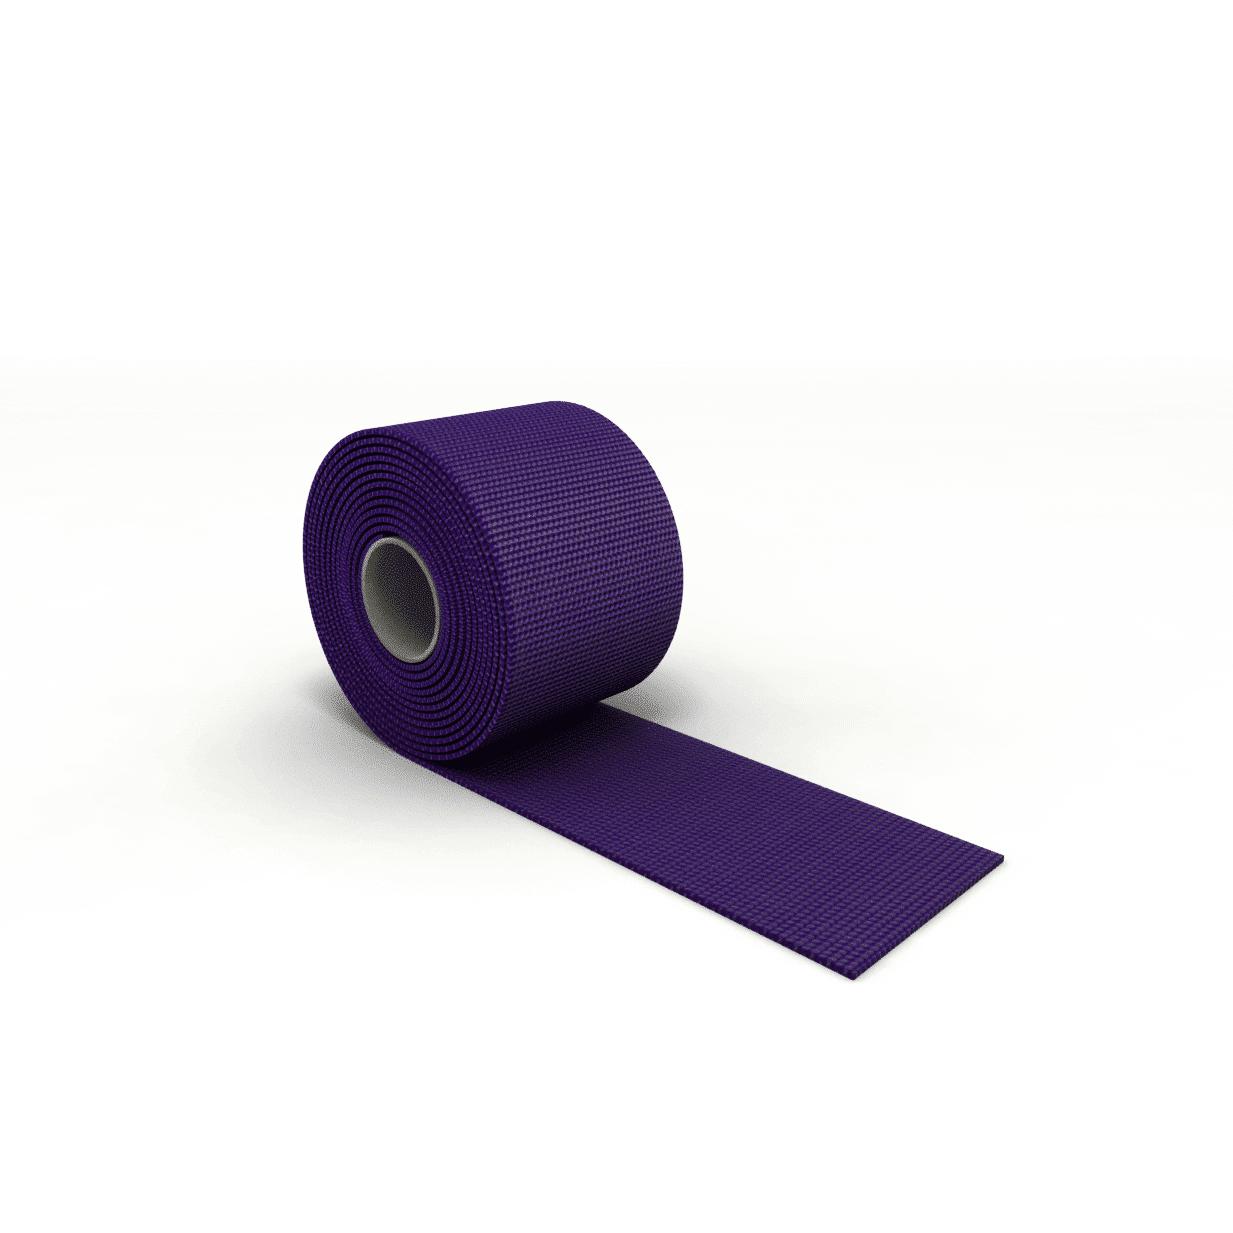 Gurtband für Rodelsitz violett